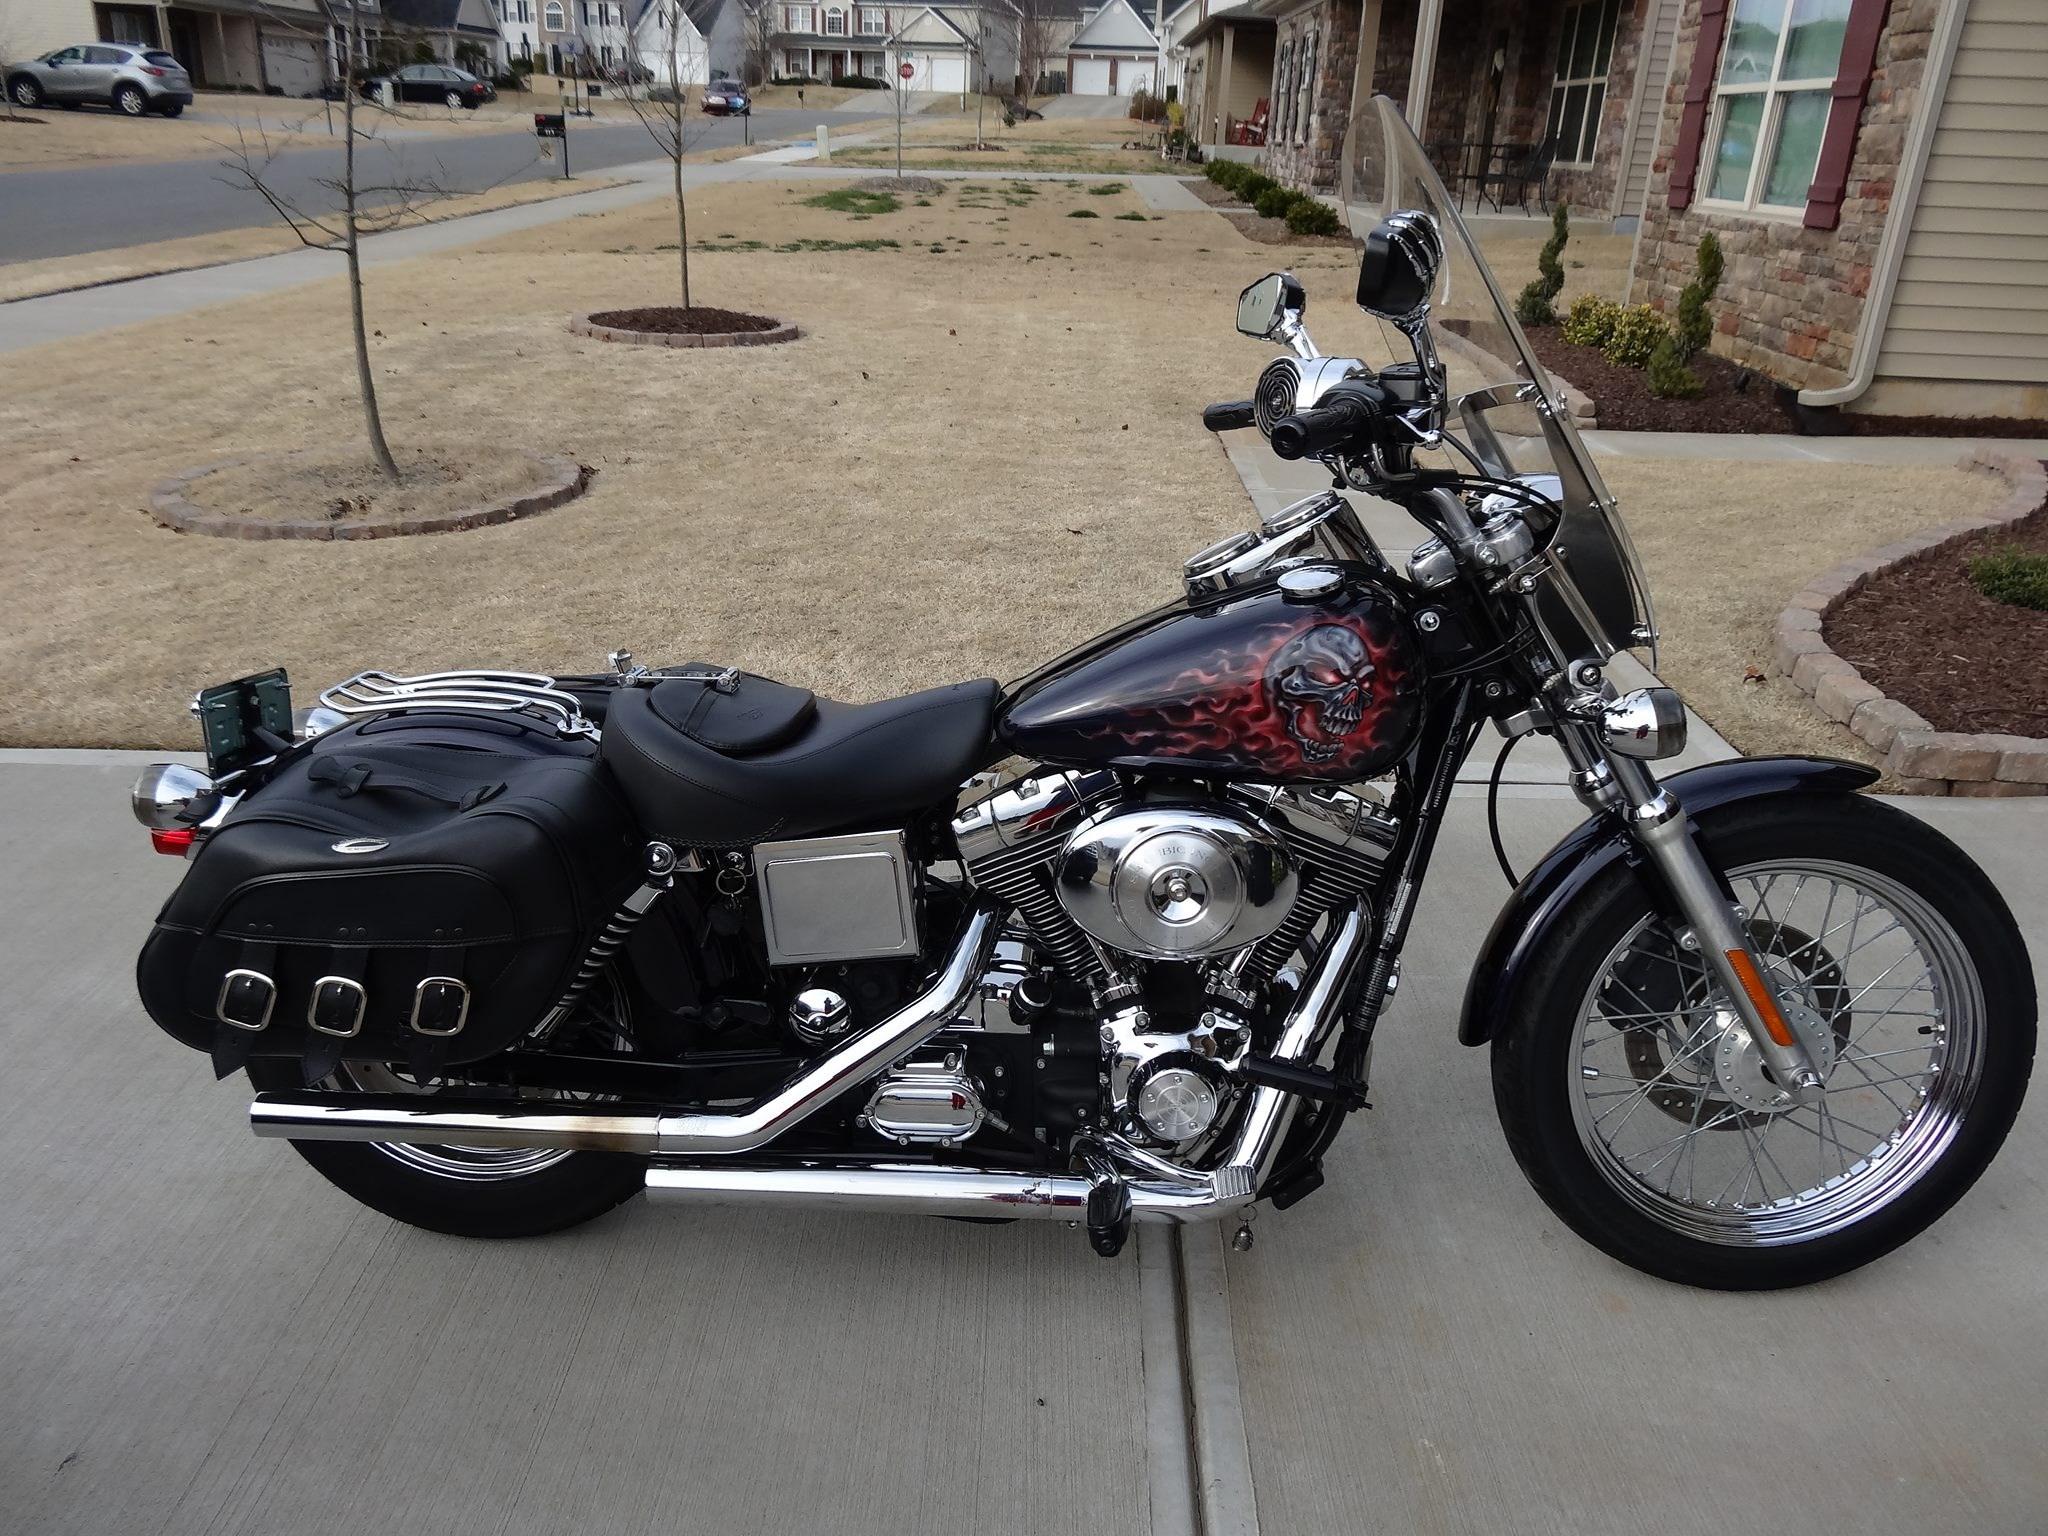 2001 harley davidson fxdl dyna low rider custom mooresville north carolina 705039. Black Bedroom Furniture Sets. Home Design Ideas